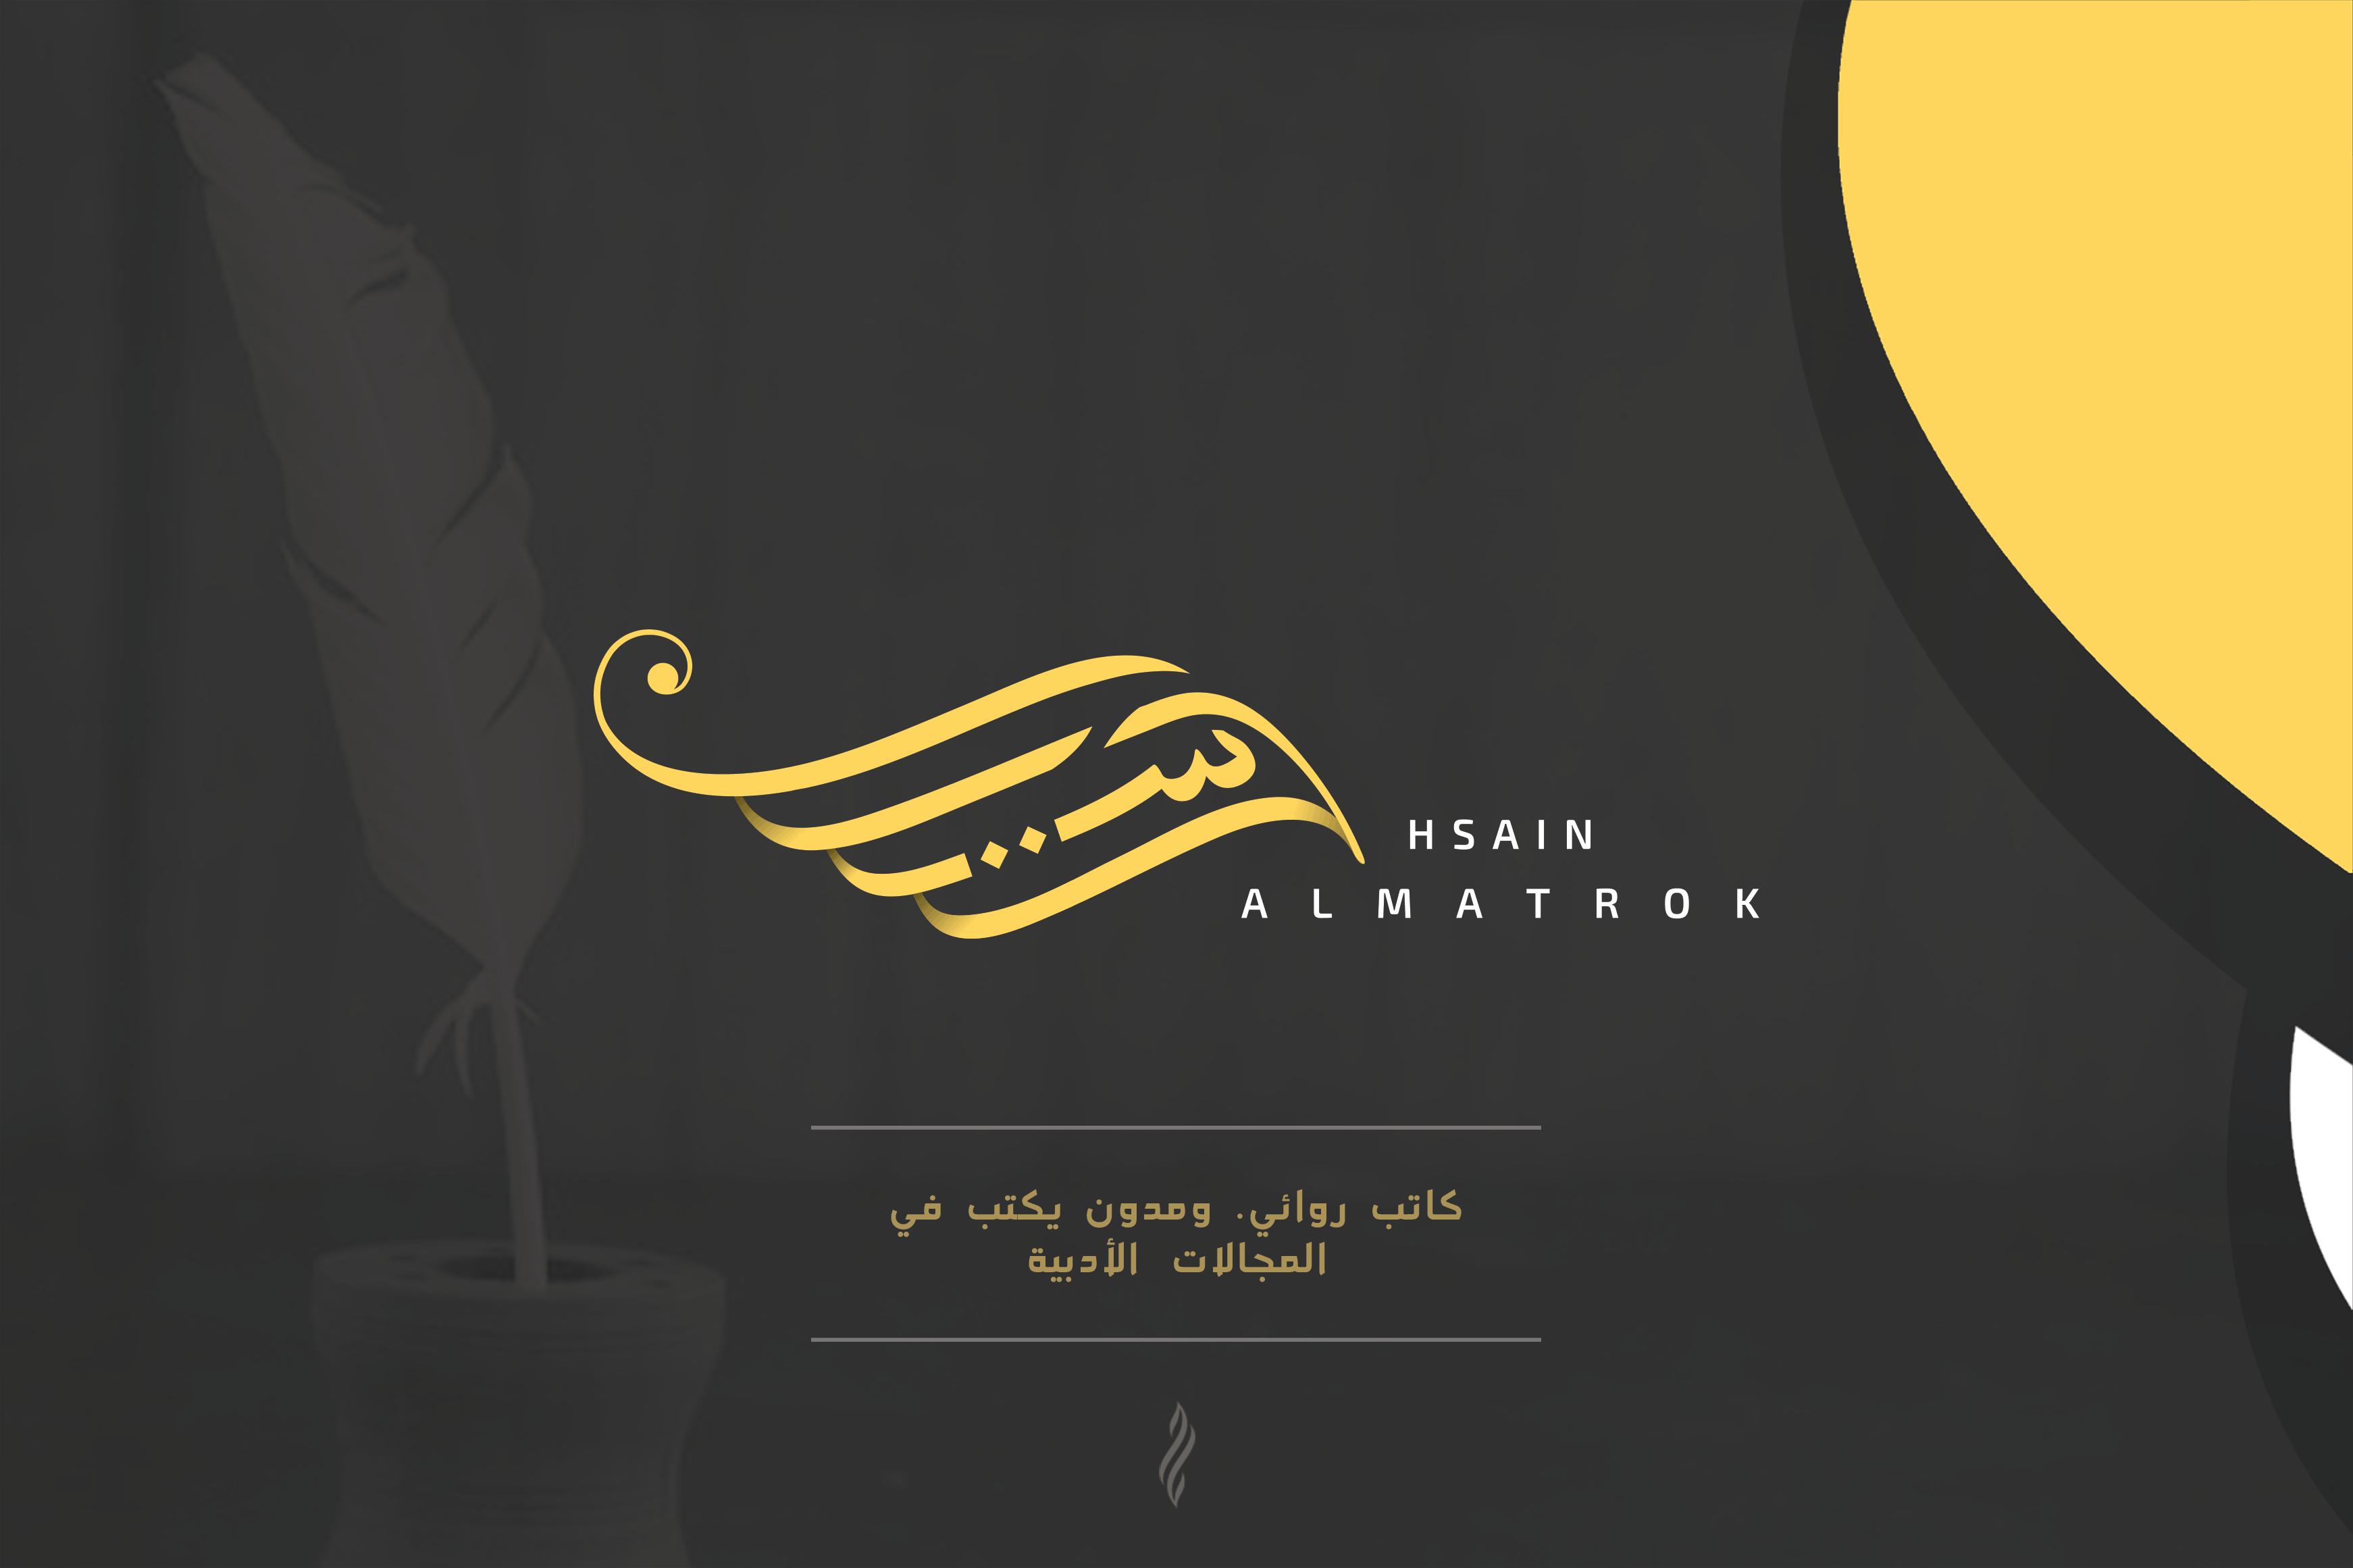 شعار الكاتب : حسين المتروك